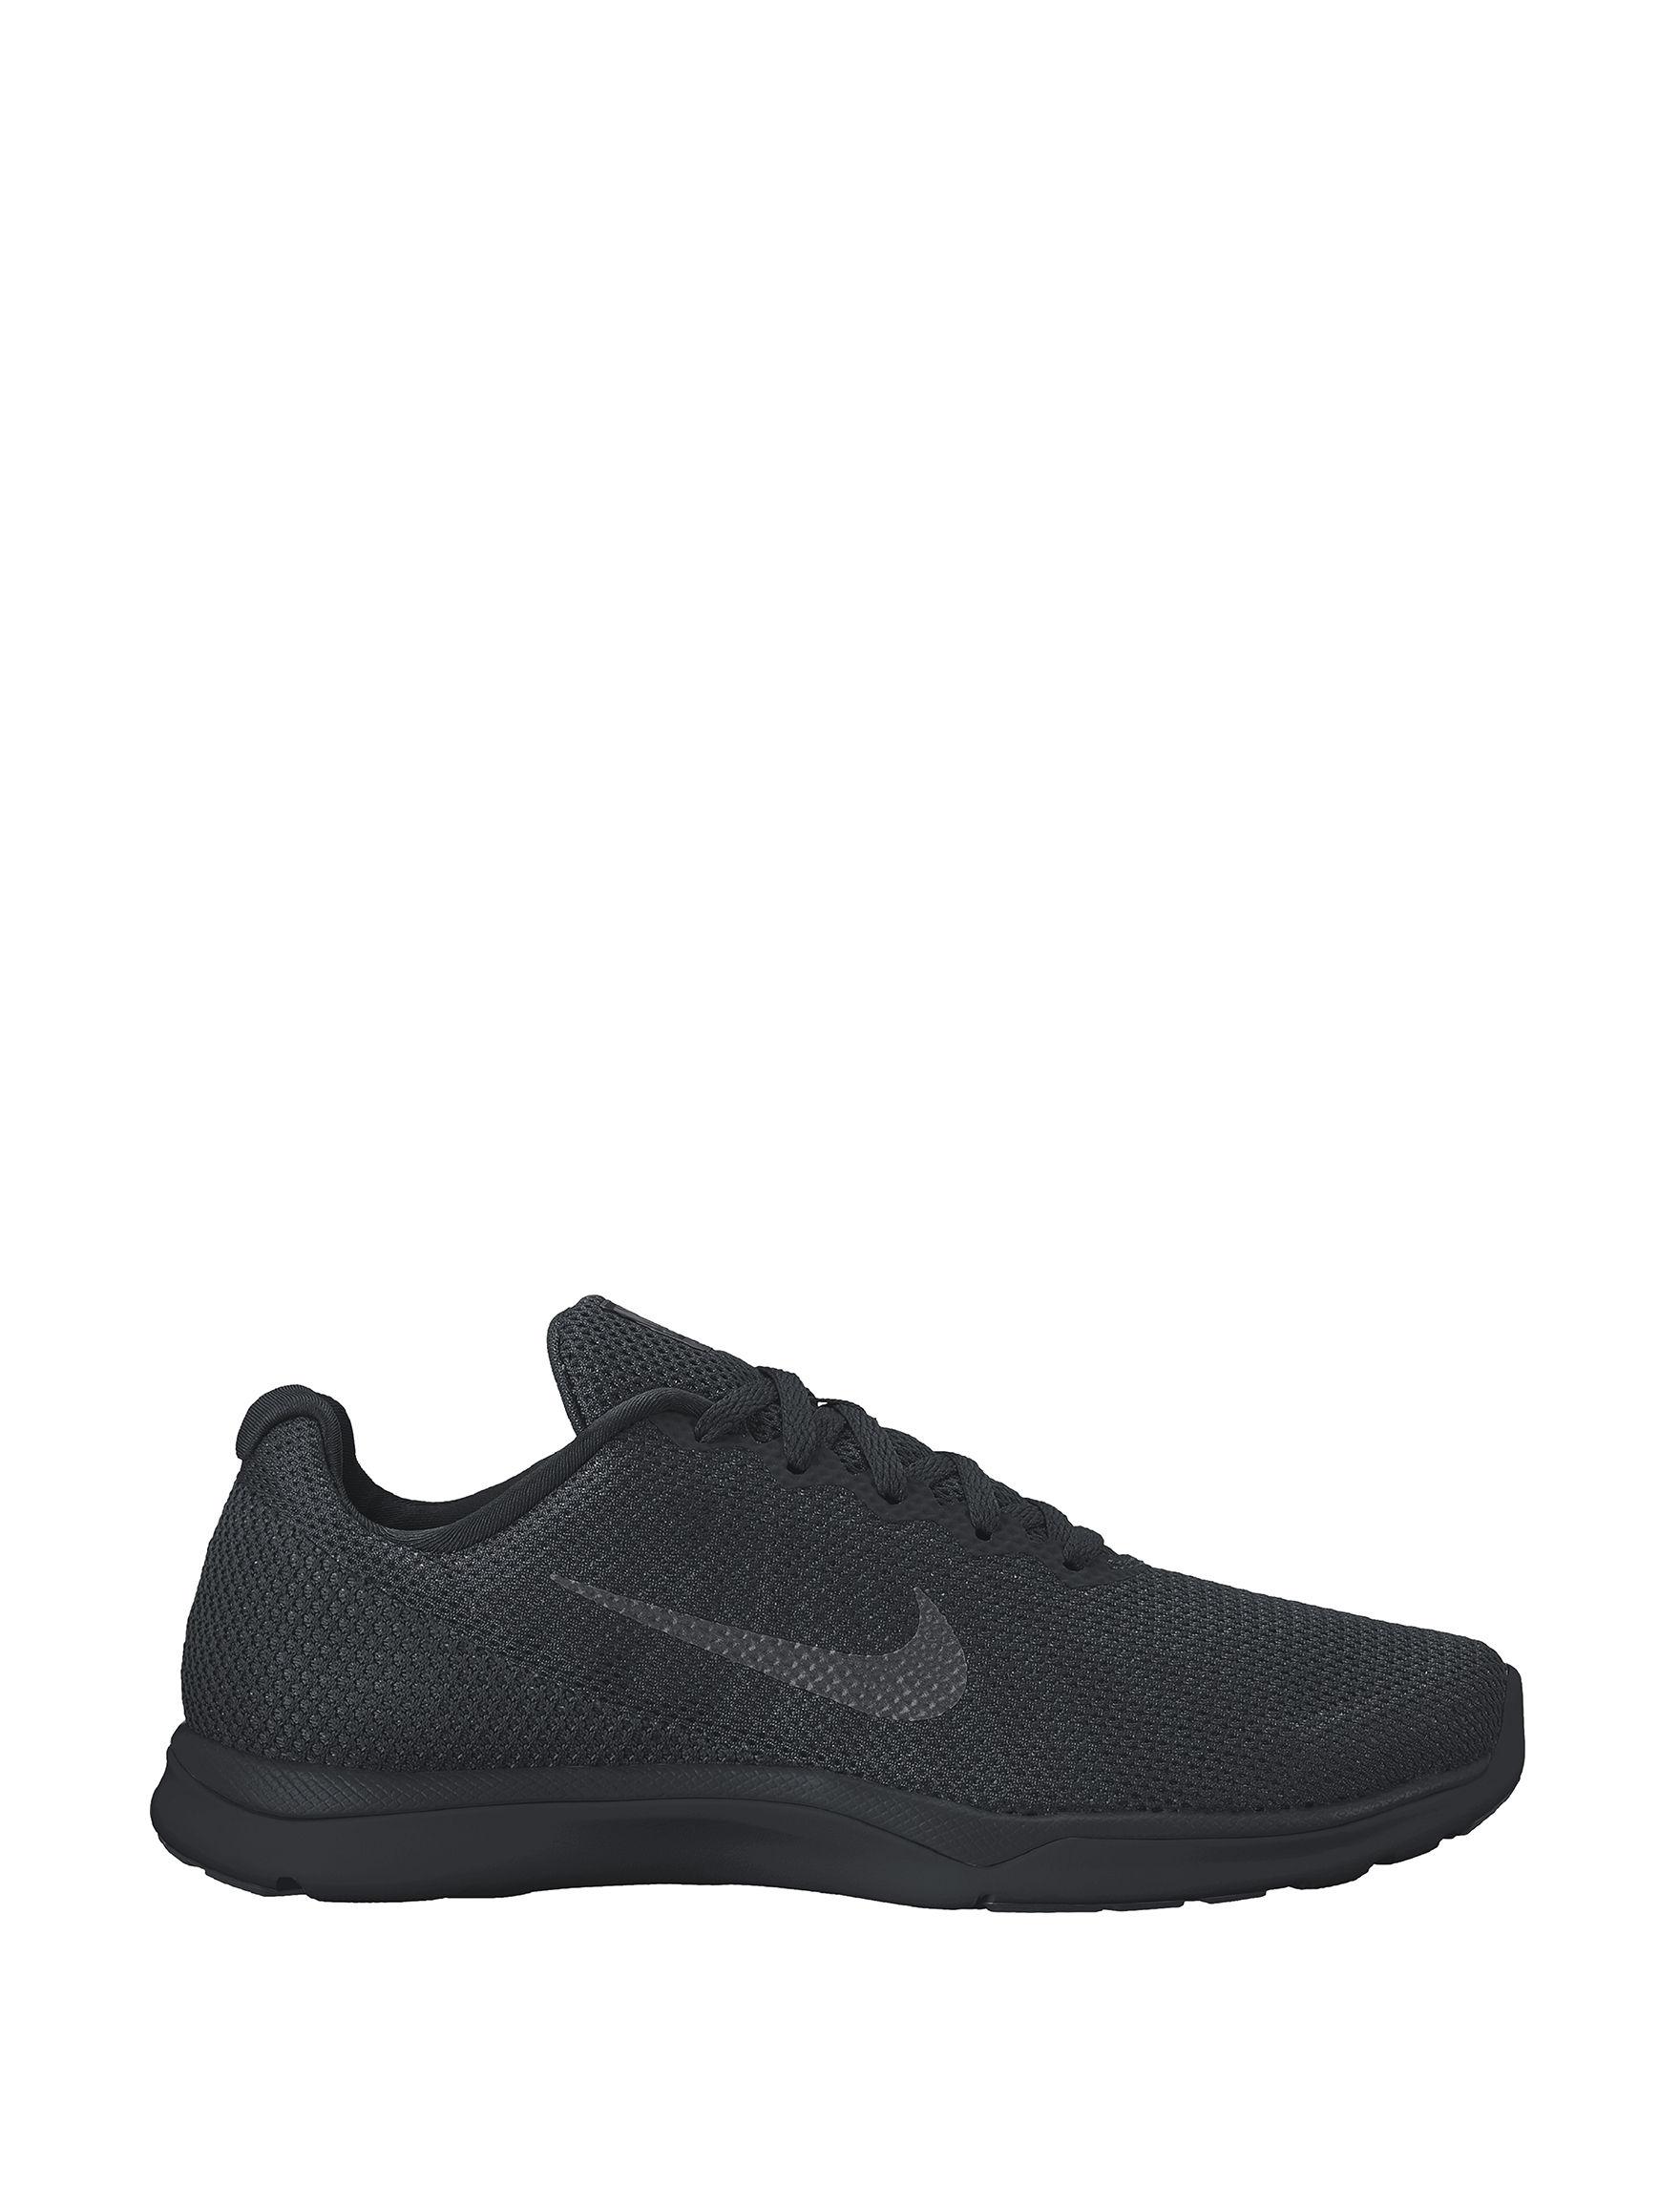 nike white walking shoes classic nike shox